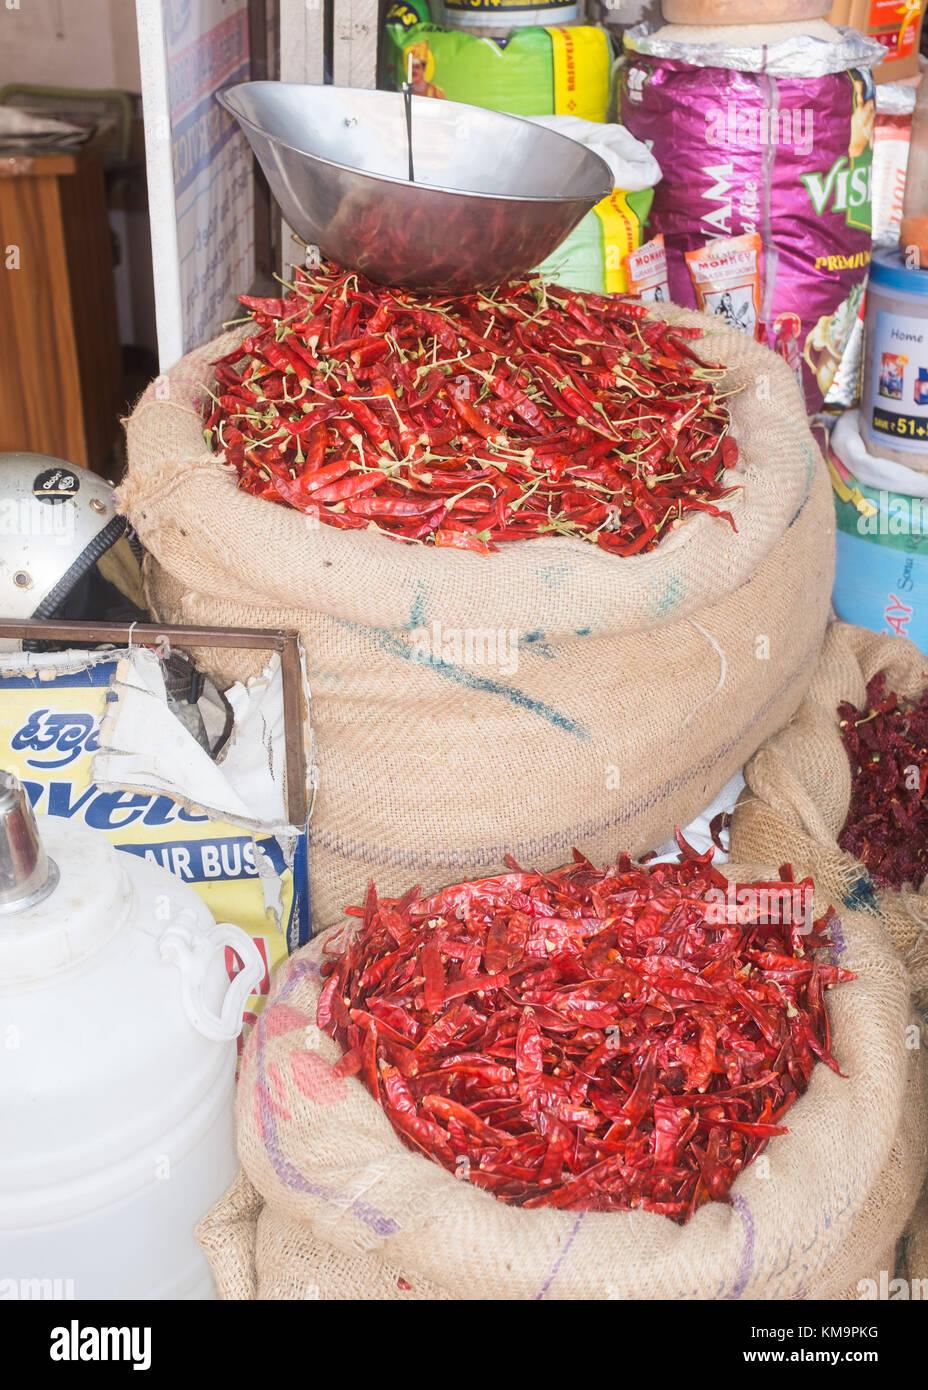 Red chilies in sacks, Mysore, Karnataka, India. - Stock Image